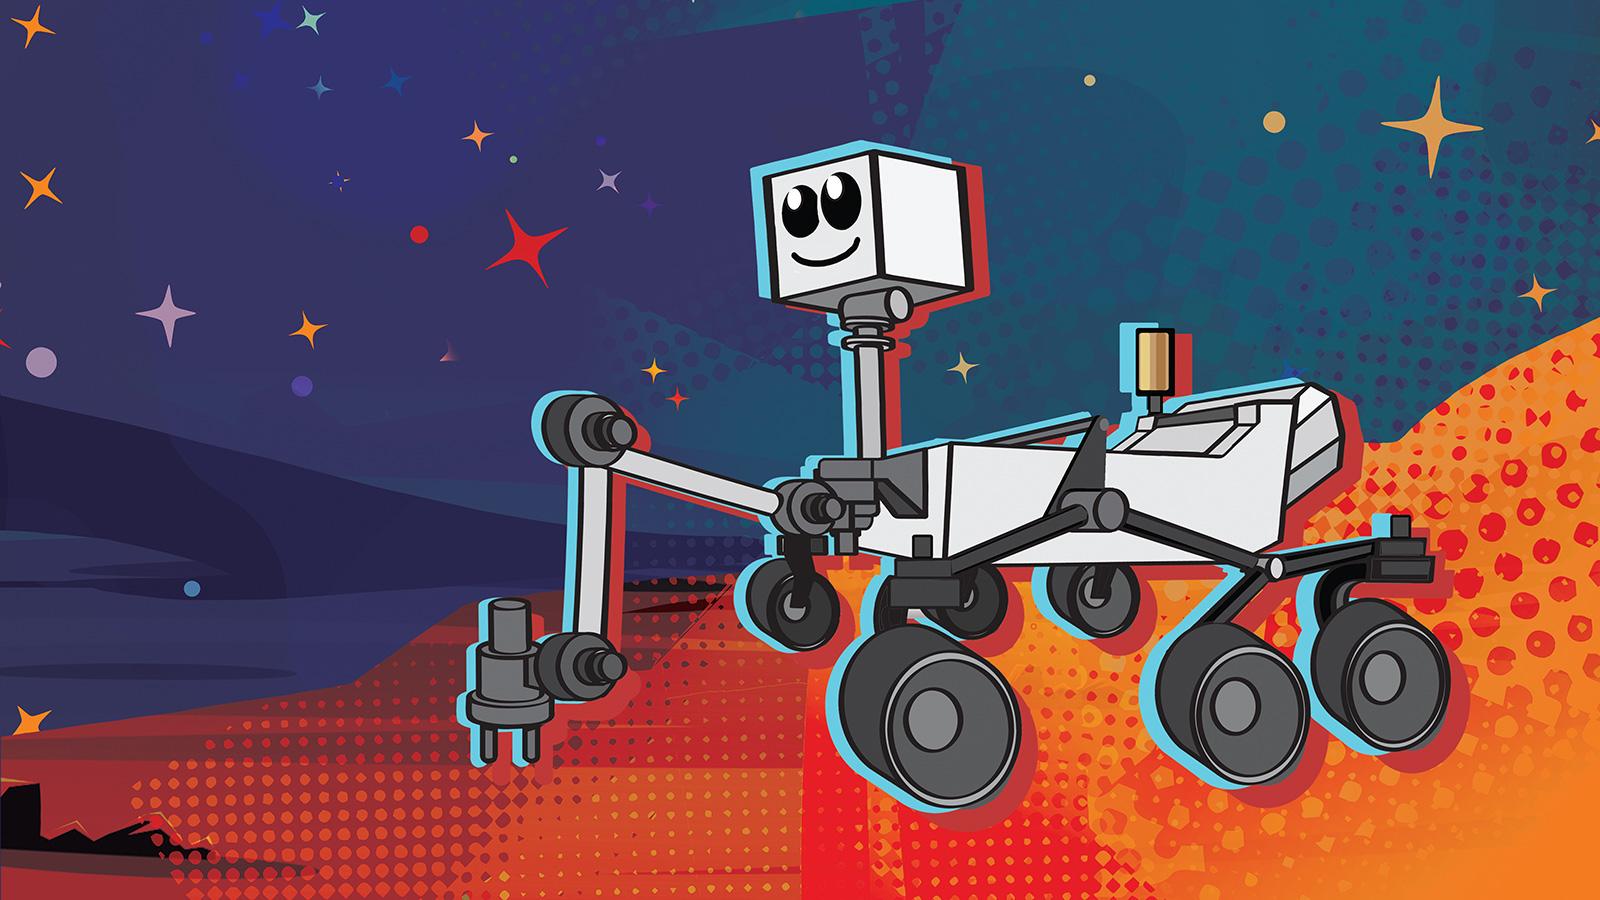 NASA Wants Your Help Naming Its Mars 2020 Rover